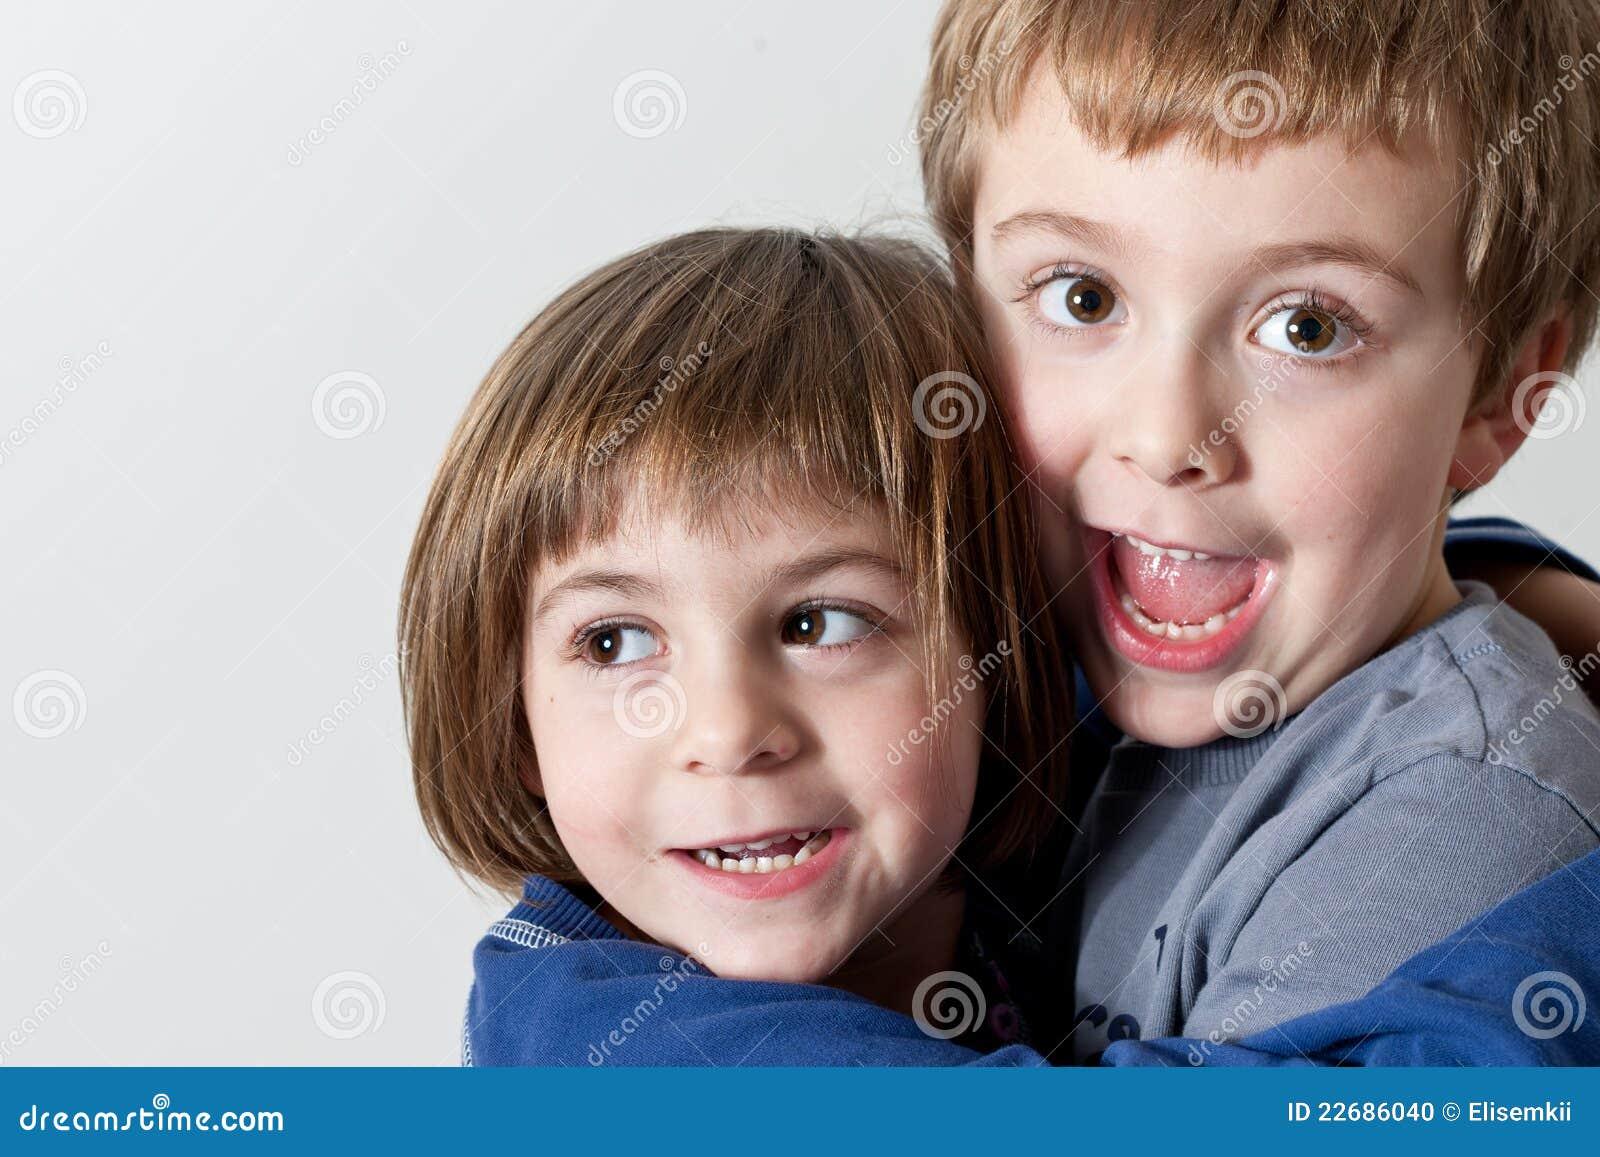 Русский инцест родного брата с сестрой, Инцест брата с сестрой 23 фотография